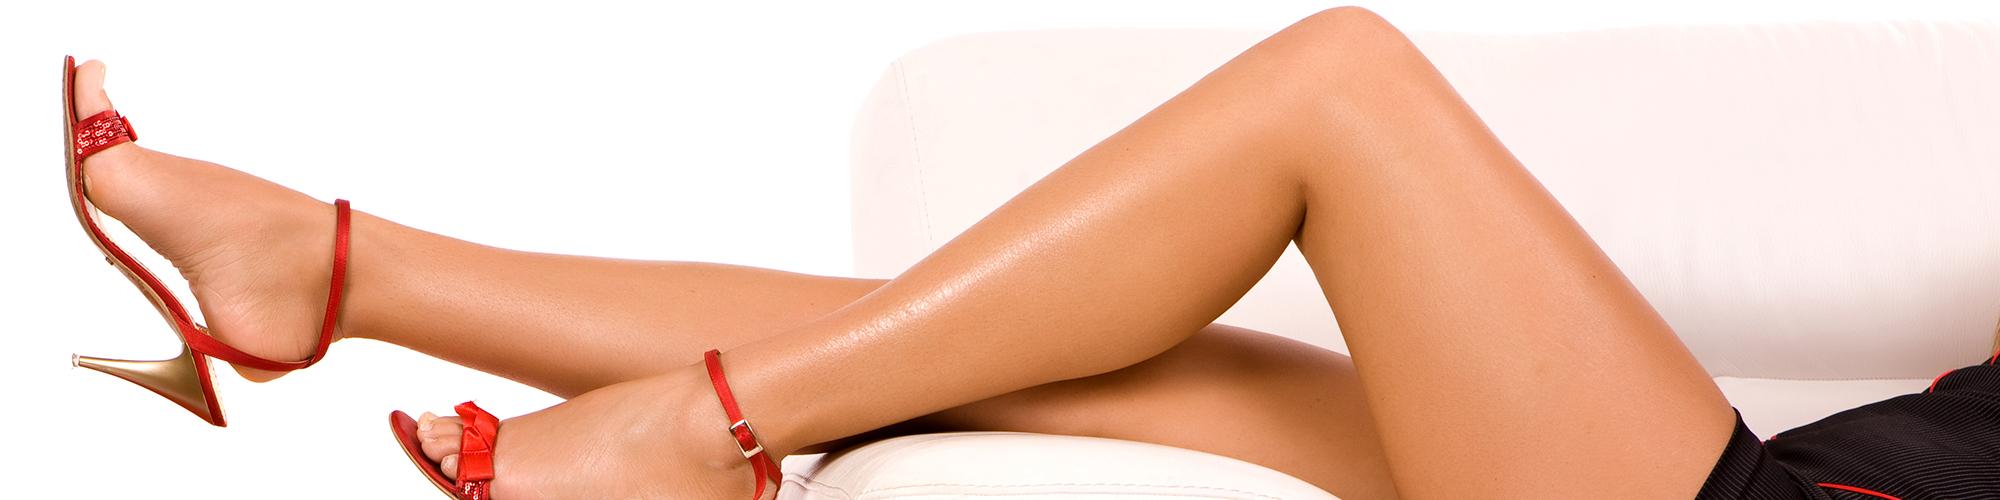 slider-legs-2000-500